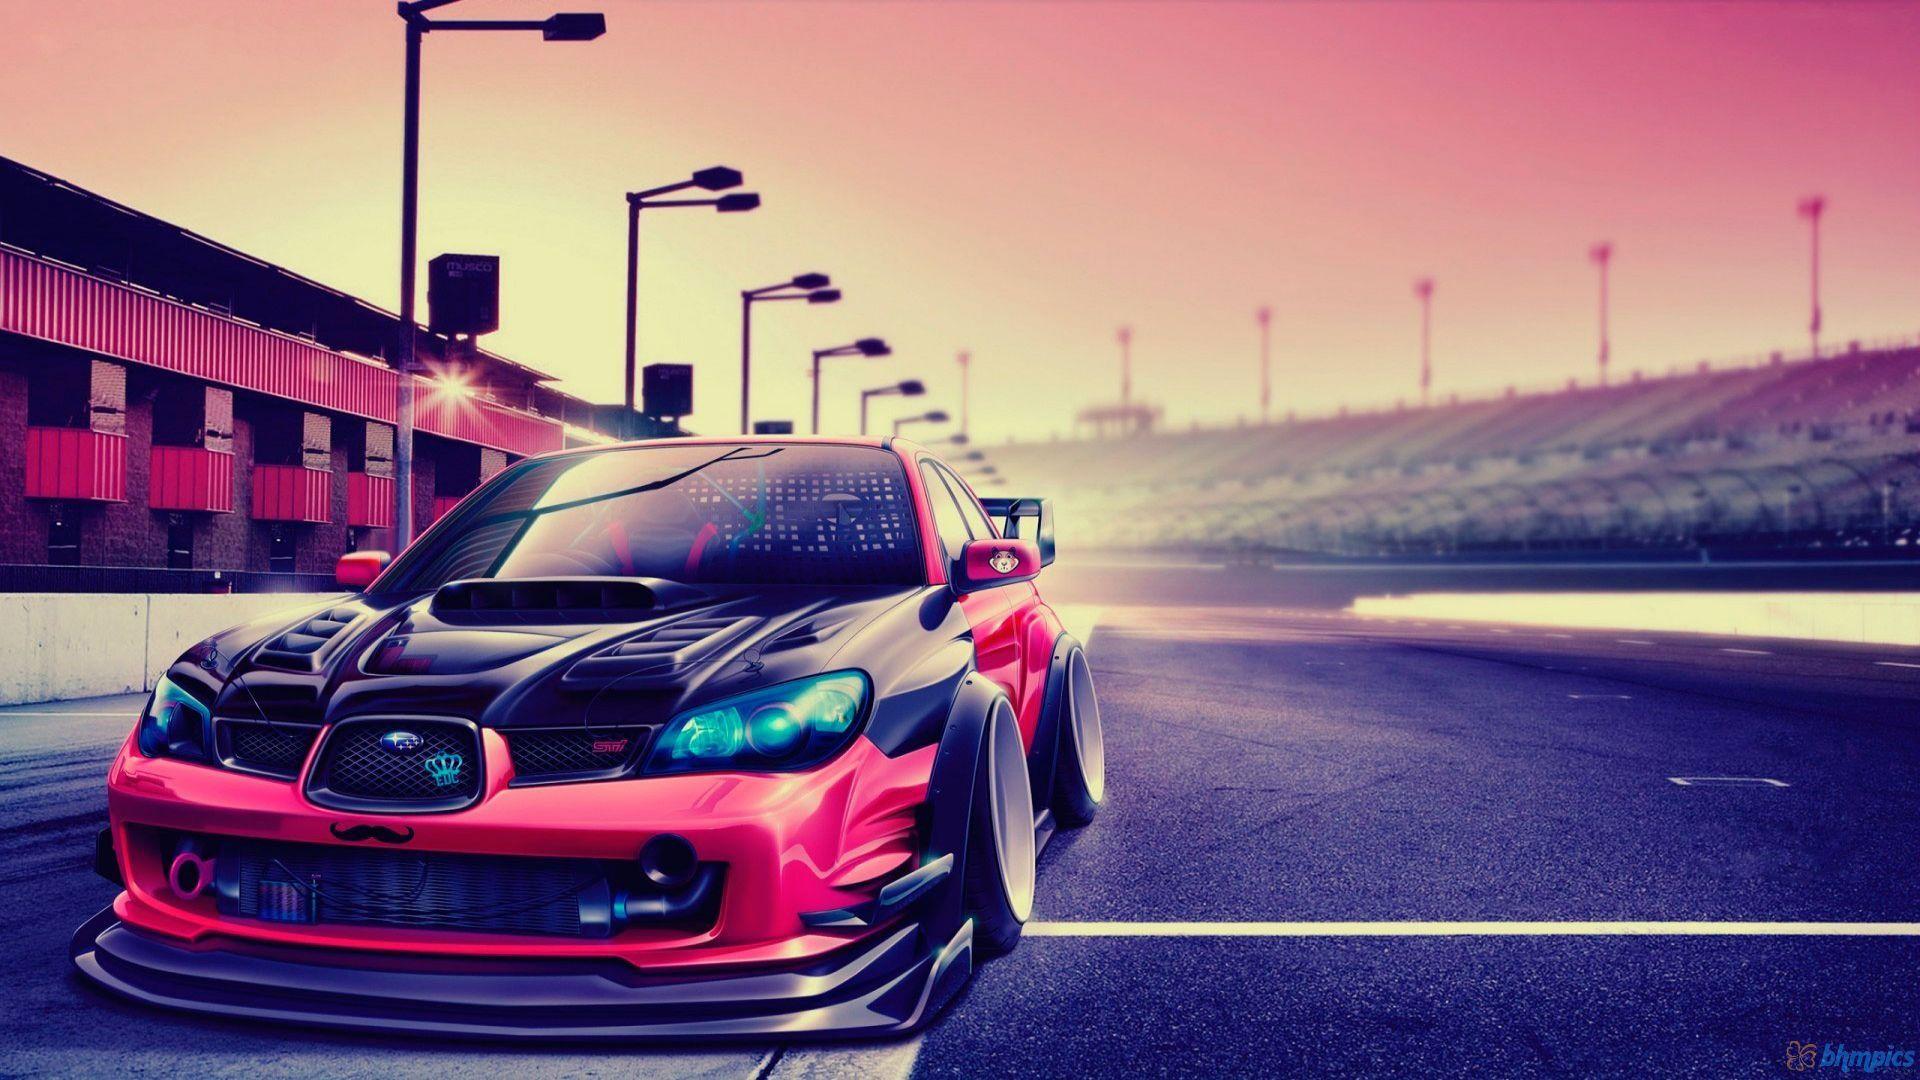 Subaru Impreza Tuning Car Hd Wallpaper Subaru Impreza Subaru